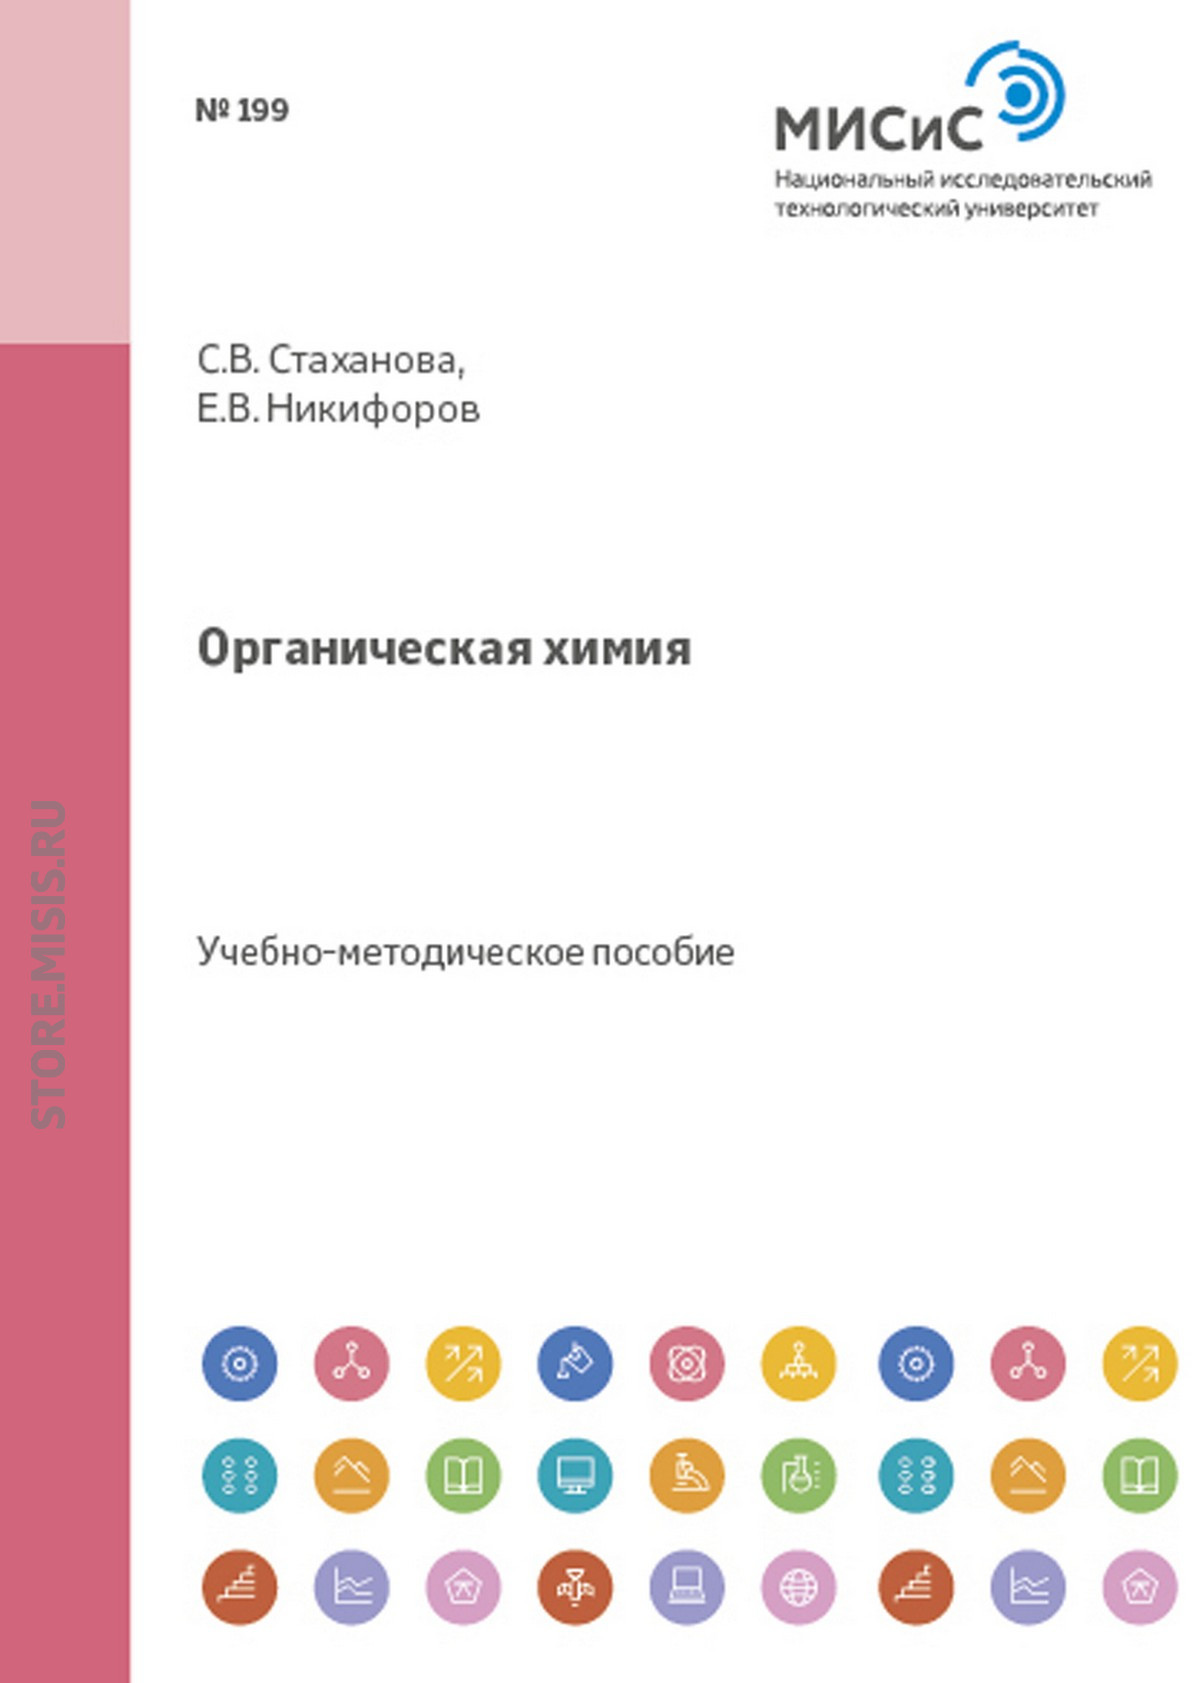 С.В. Стаханова Органическая химия с в стаханова общая химия типовые экзаменационные билеты по неорганической химии